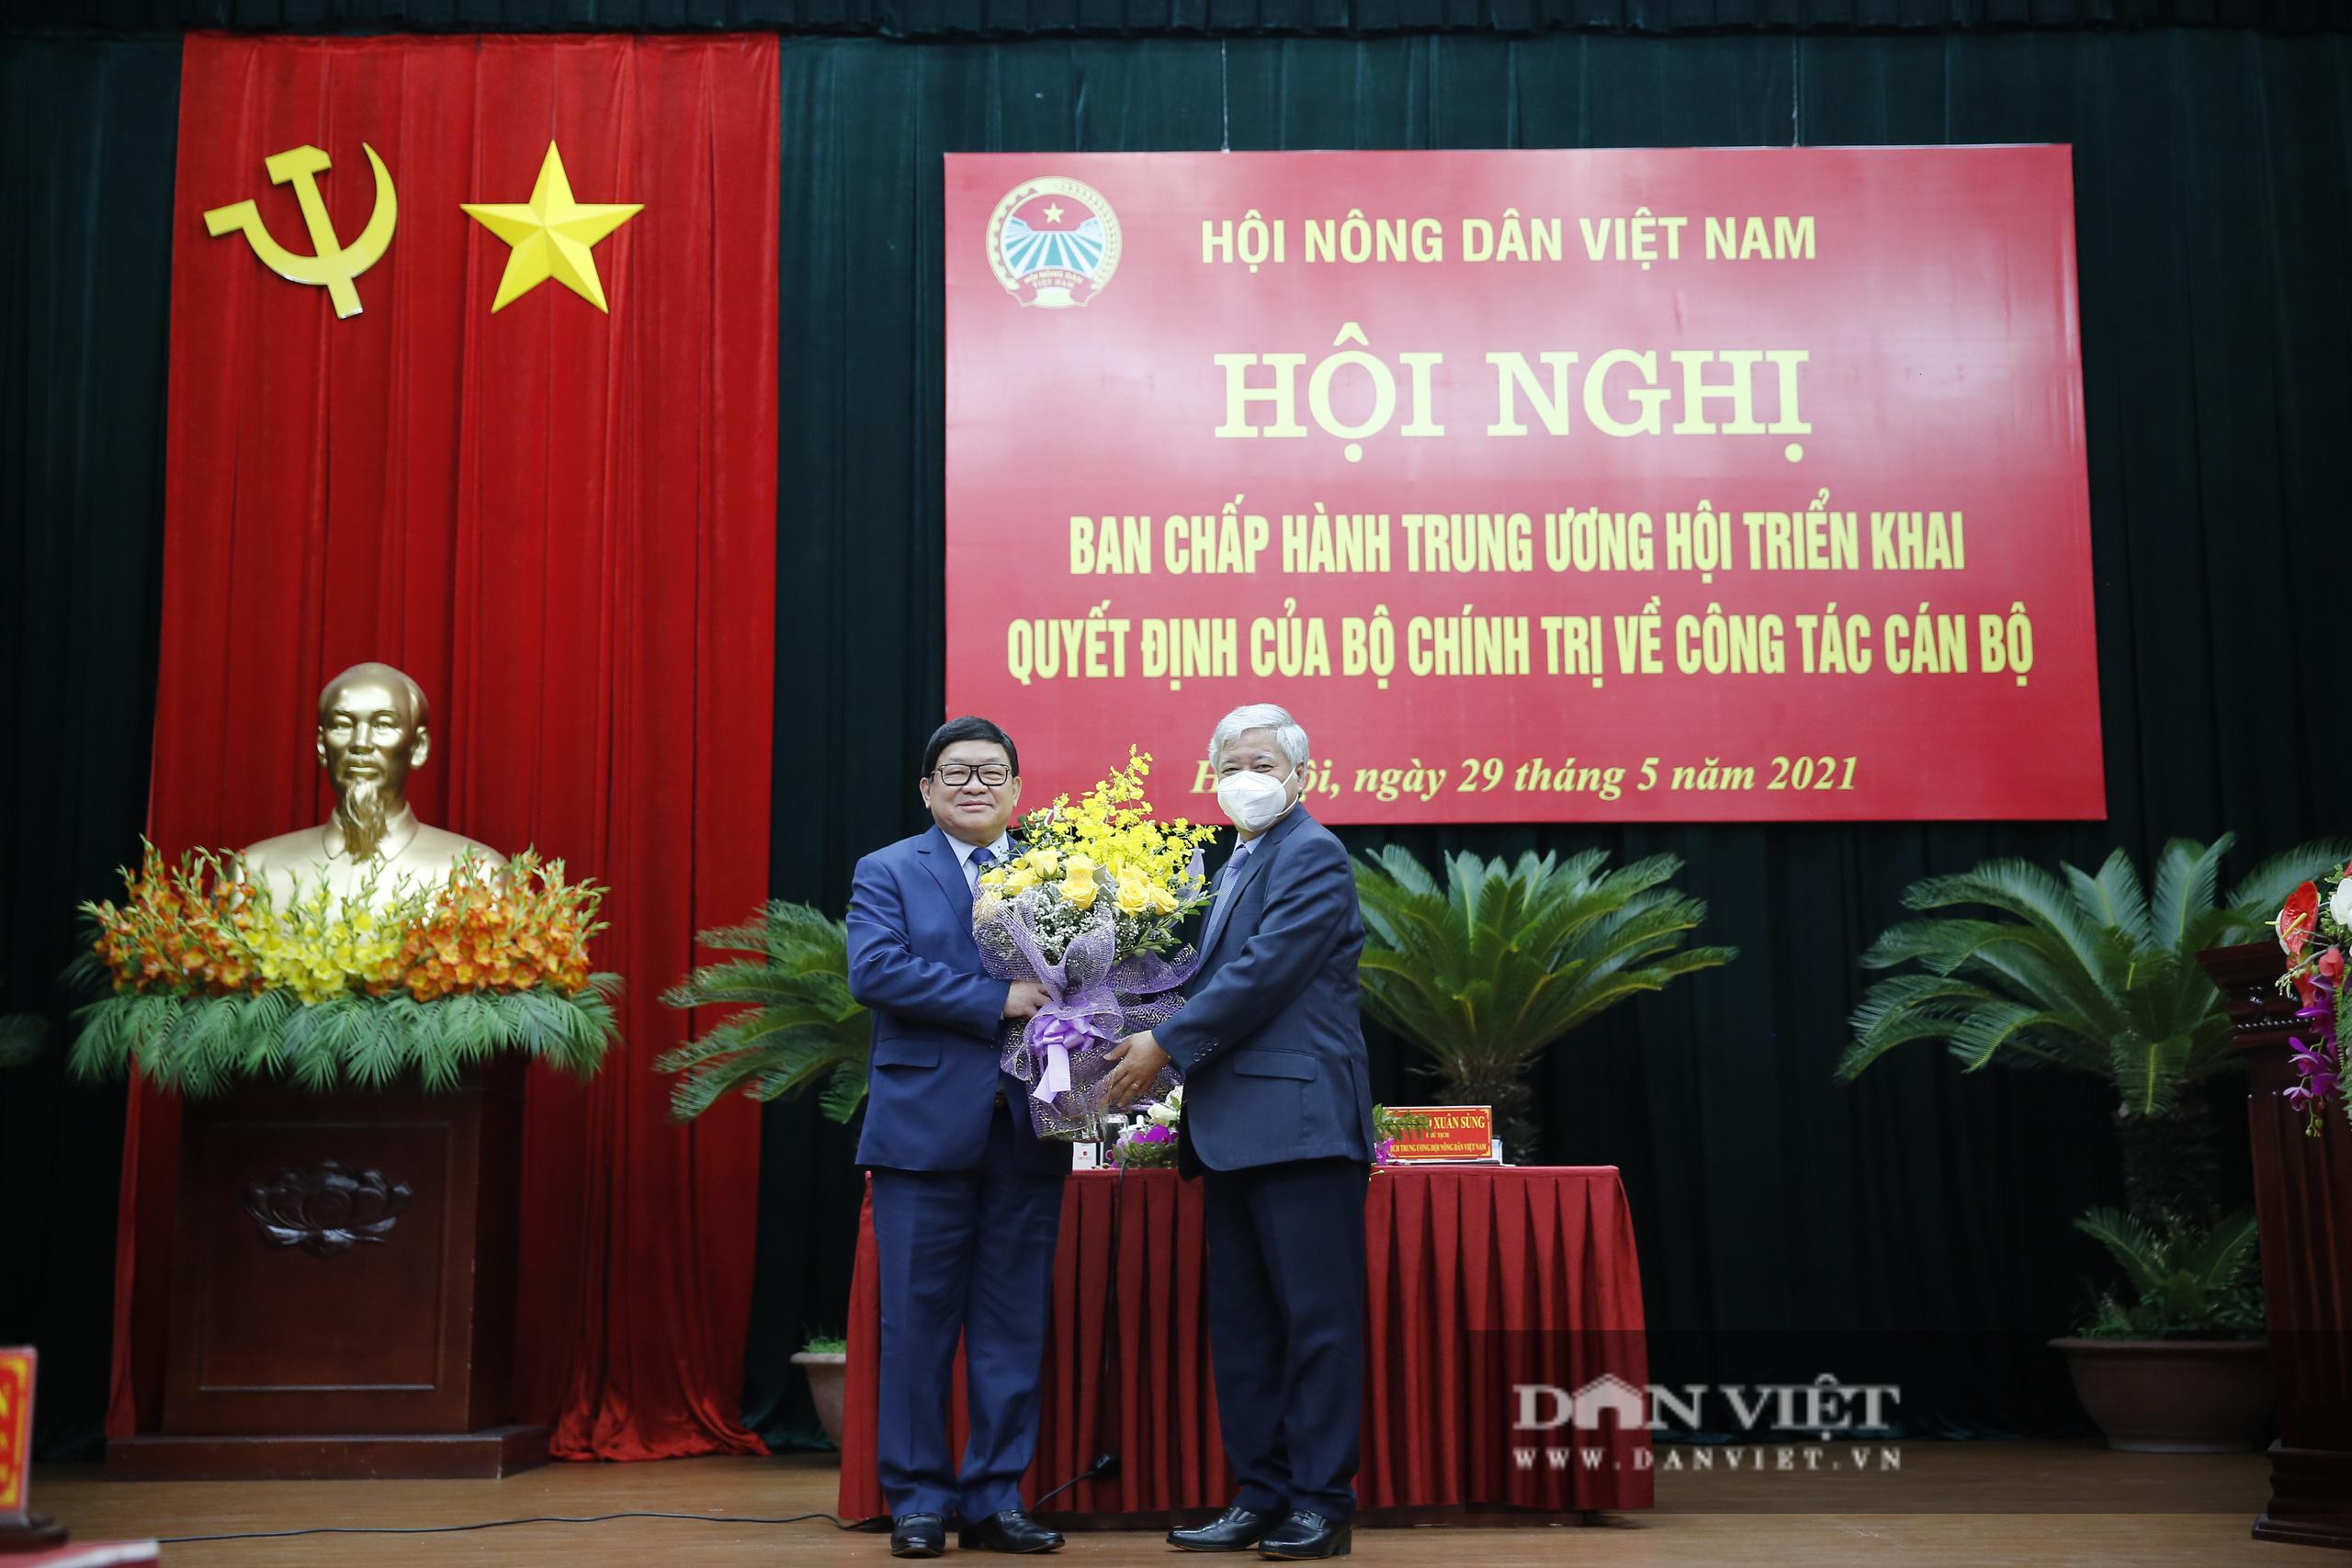 Ảnh: Hội nghị BCH TƯ Hội Nông dân Việt Nam triển khai quyết định của Bộ Chính trị về công tác cán bộ - Ảnh 6.